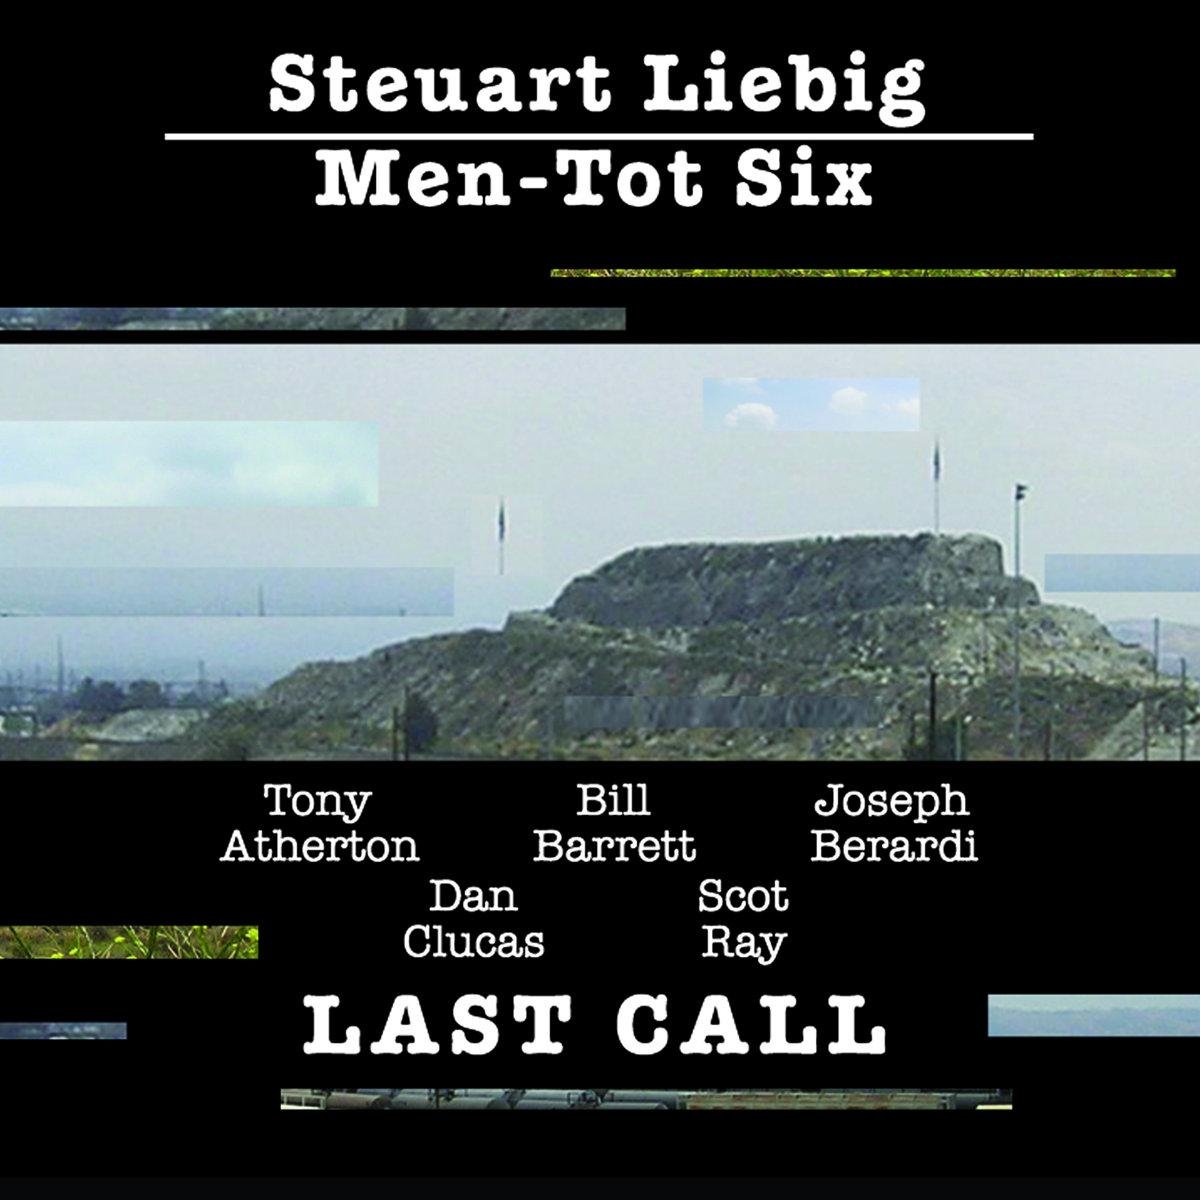 Steuart Liebig Men-Tot Six // Last Call